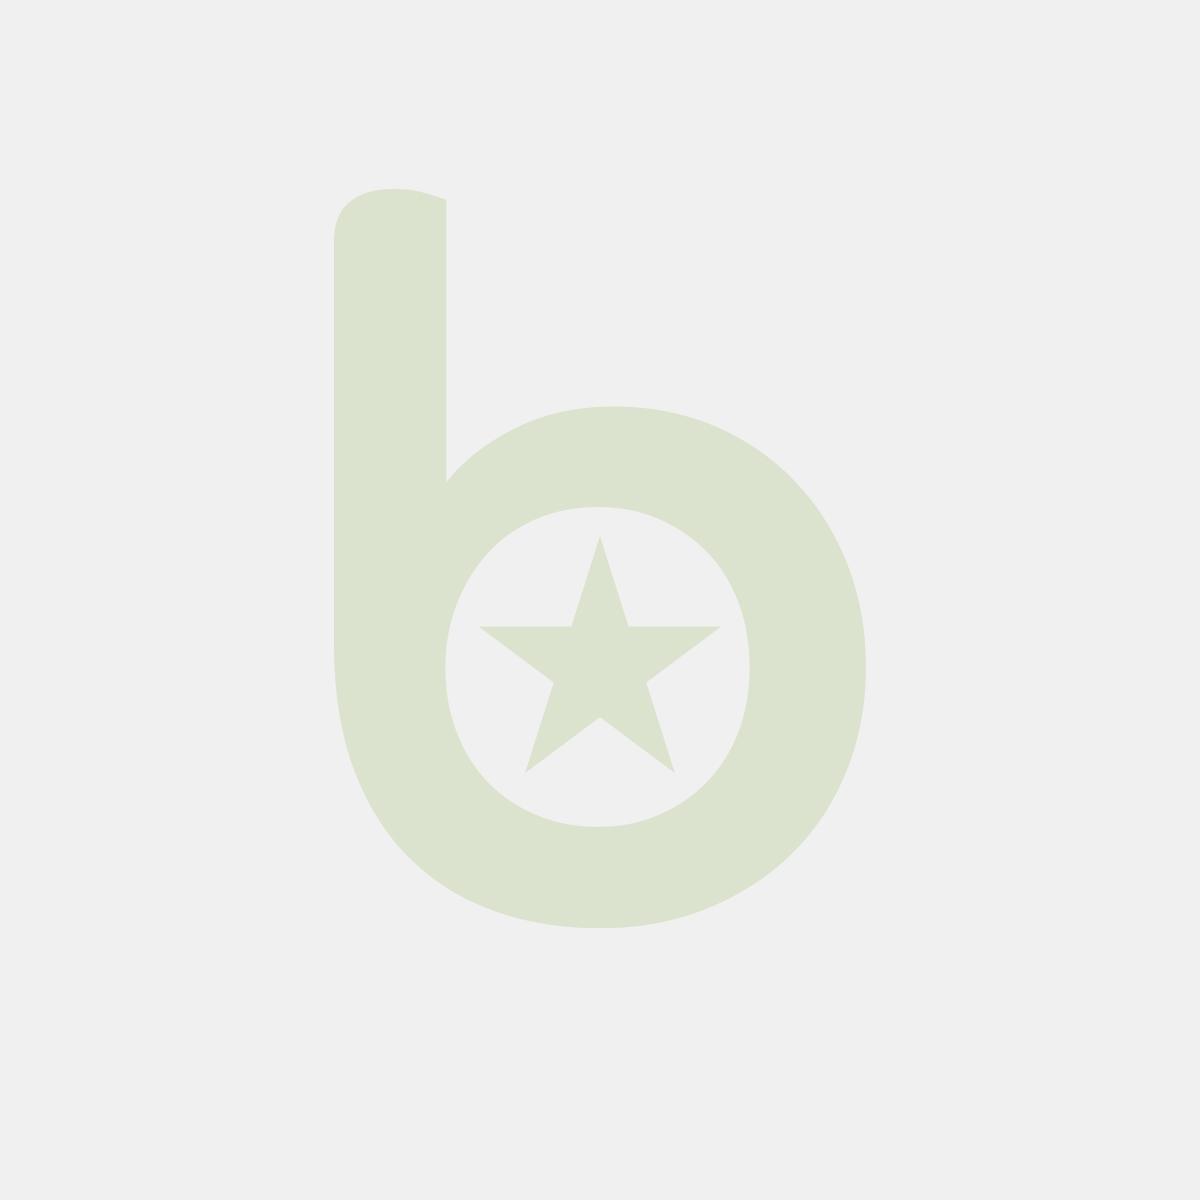 FINGERFOOD - talerzyk z trzciny cukrowej, kwadratowy 6,5x6,5cm biały op. 50 sztuk